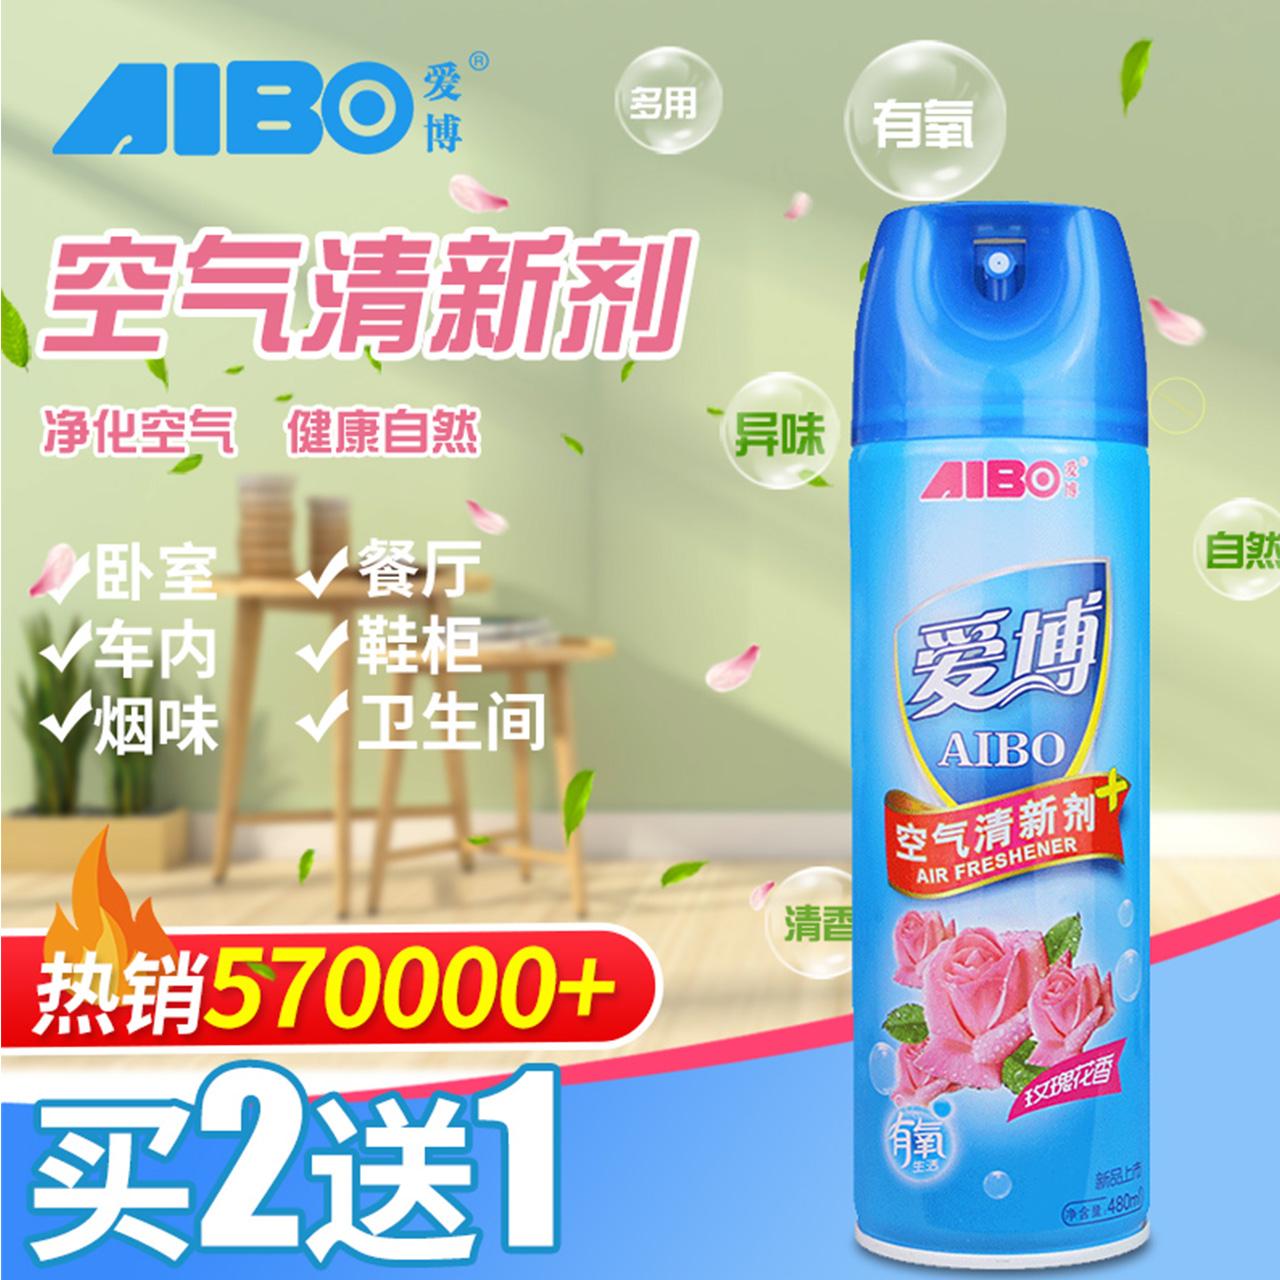 爱博空气清新剂喷雾家用香薰持久车用卧室内厕所神器卫生间除臭剂